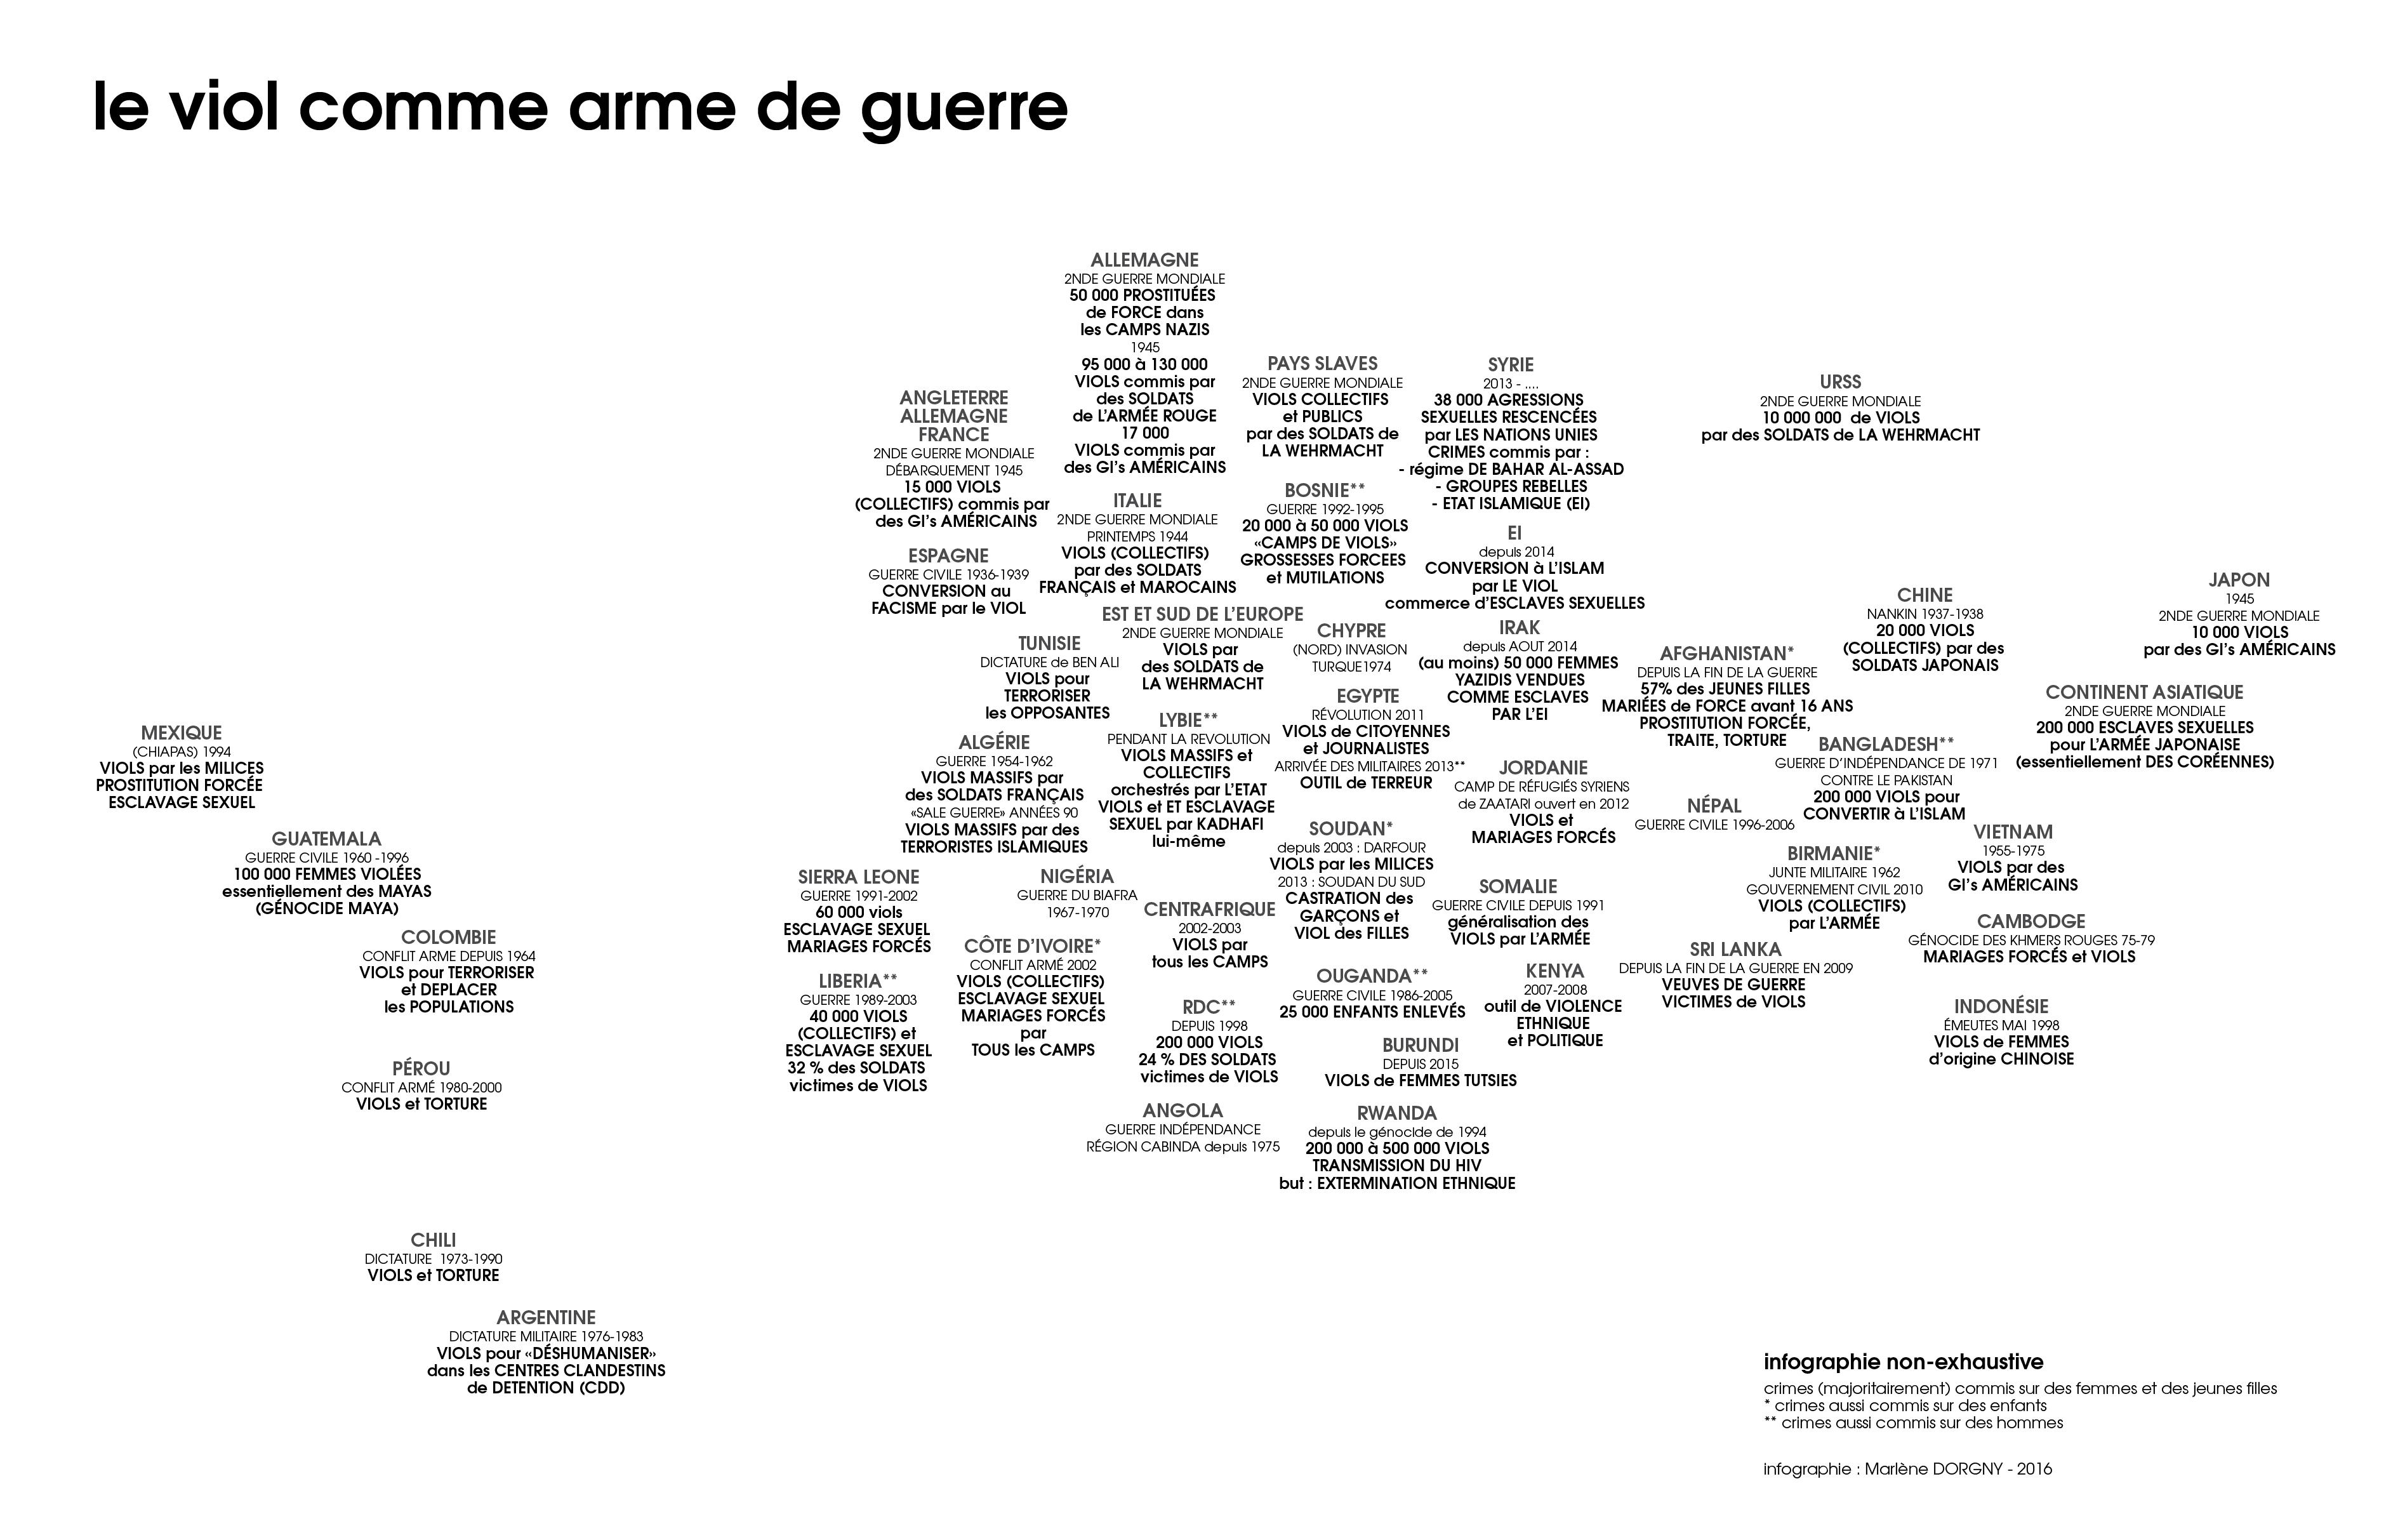 Cartographie du viol comme arme de guerre dans le monde à partir du 20e siècle